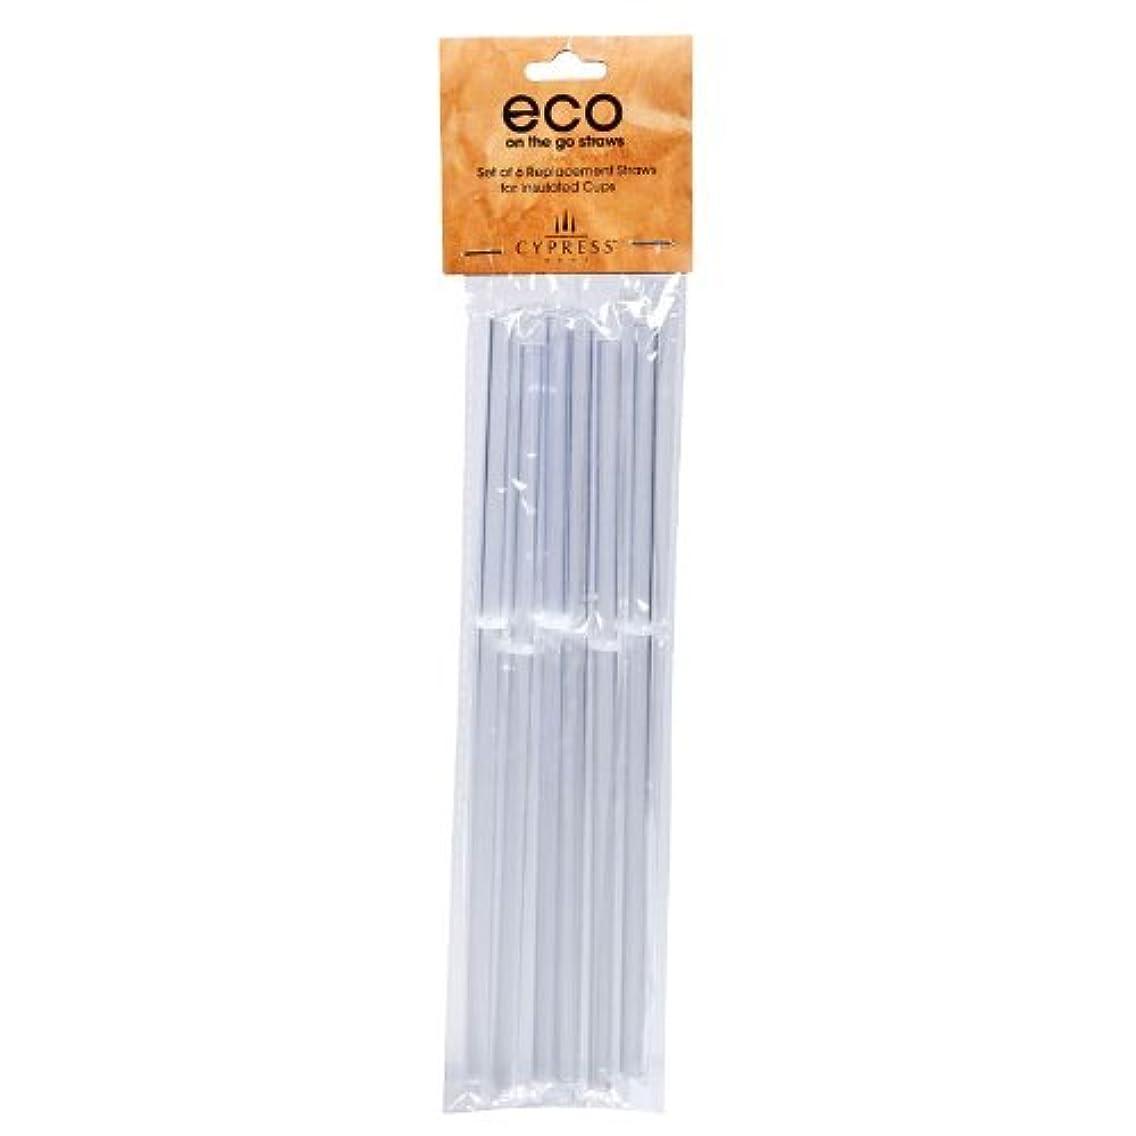 Peachy Kitchen Acrylic Straws, Set of 6